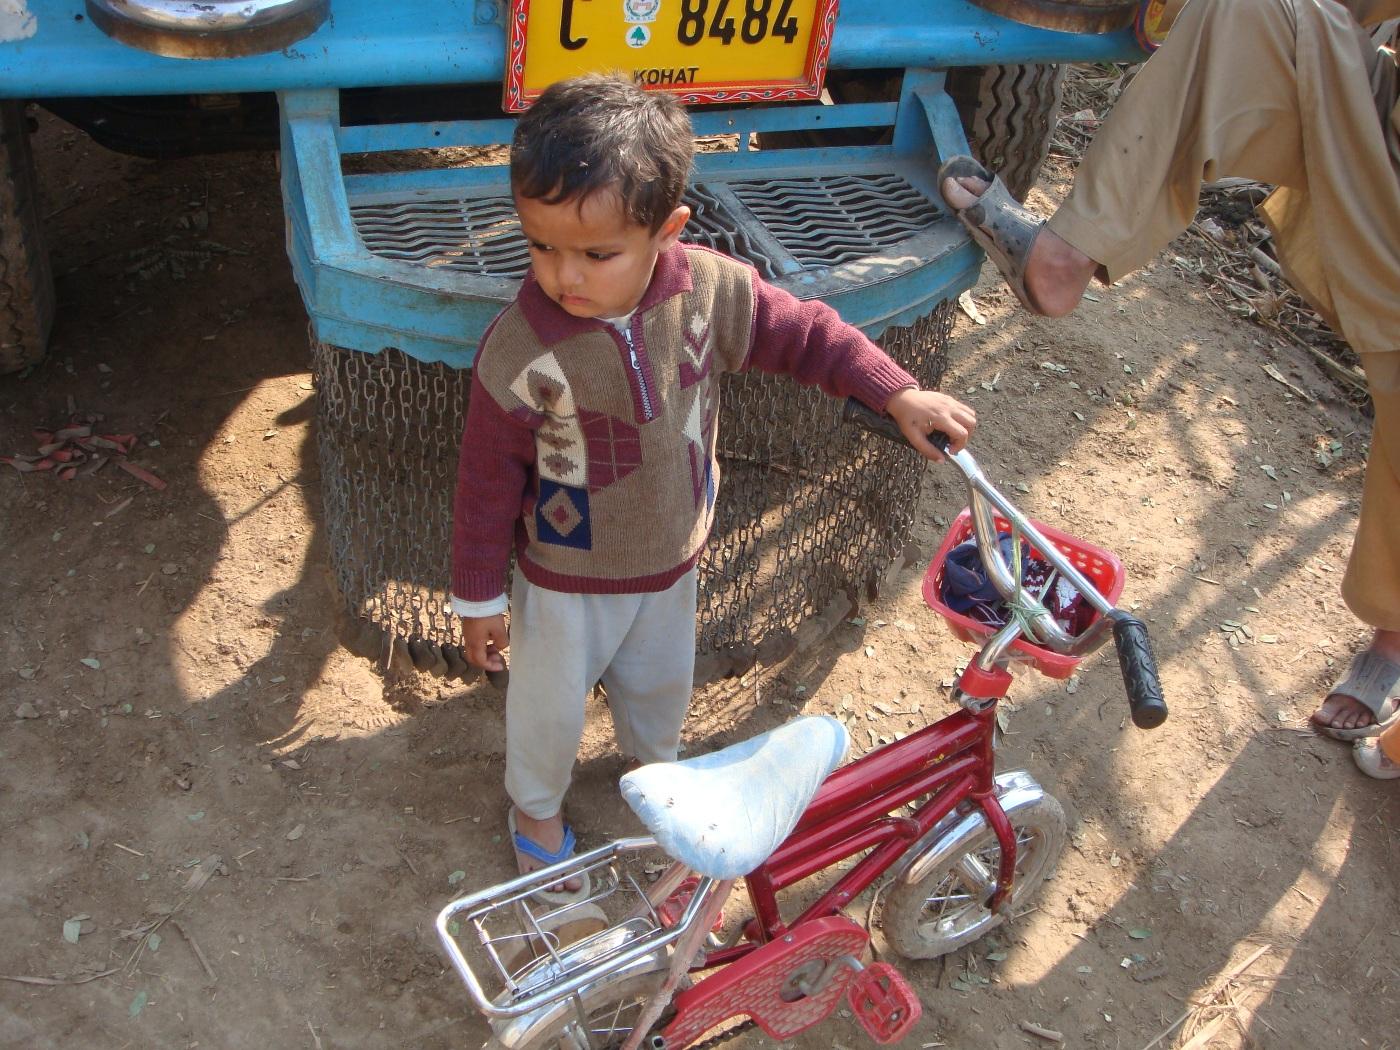 Baby boy with bike photo